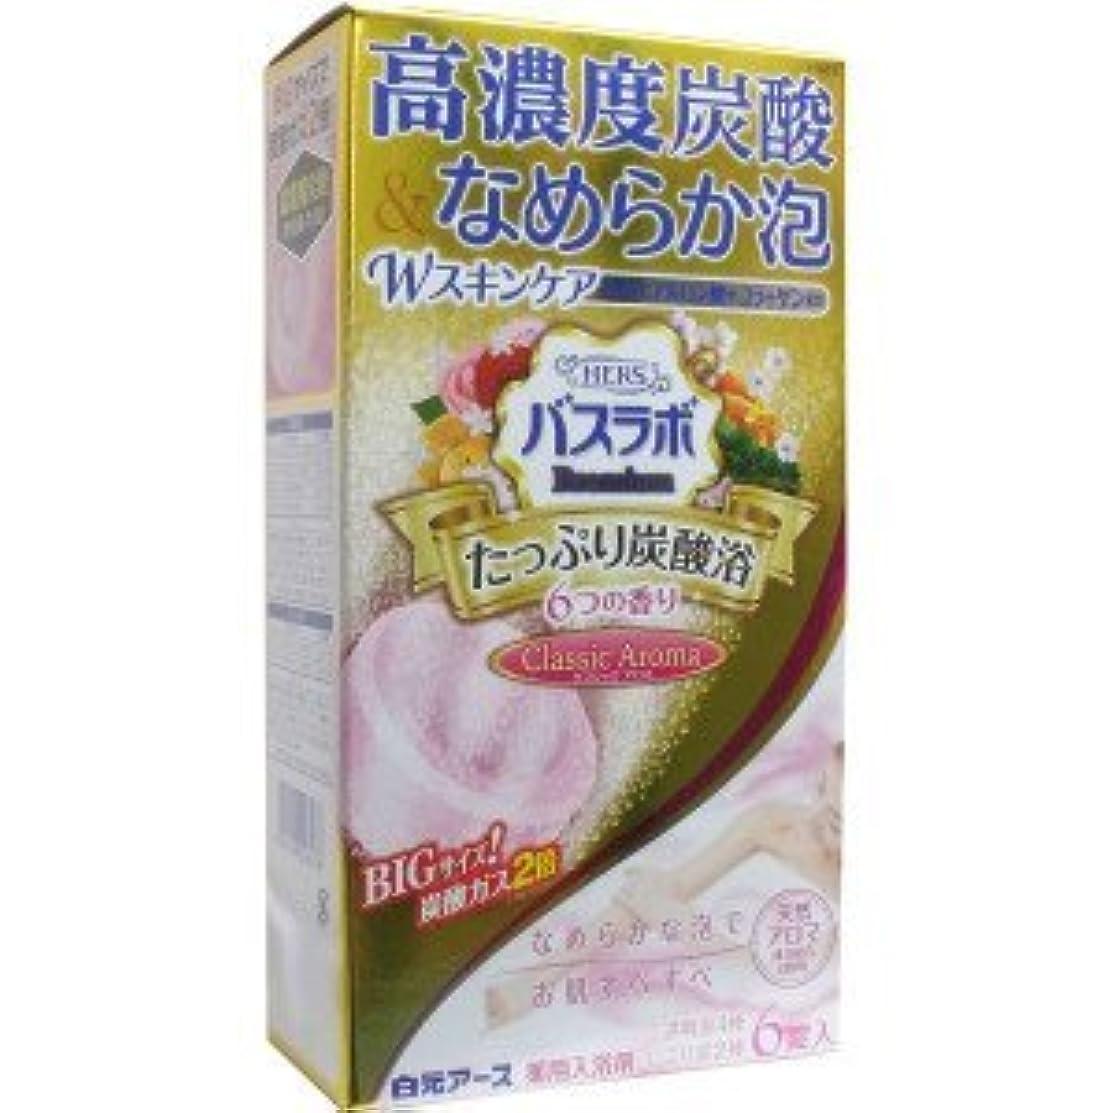 脆い摂氏セラー(アース製薬)HERSバスラボ プレミアム たっぷり炭酸浴 クラシックアロマ 6錠入(医薬部外品)